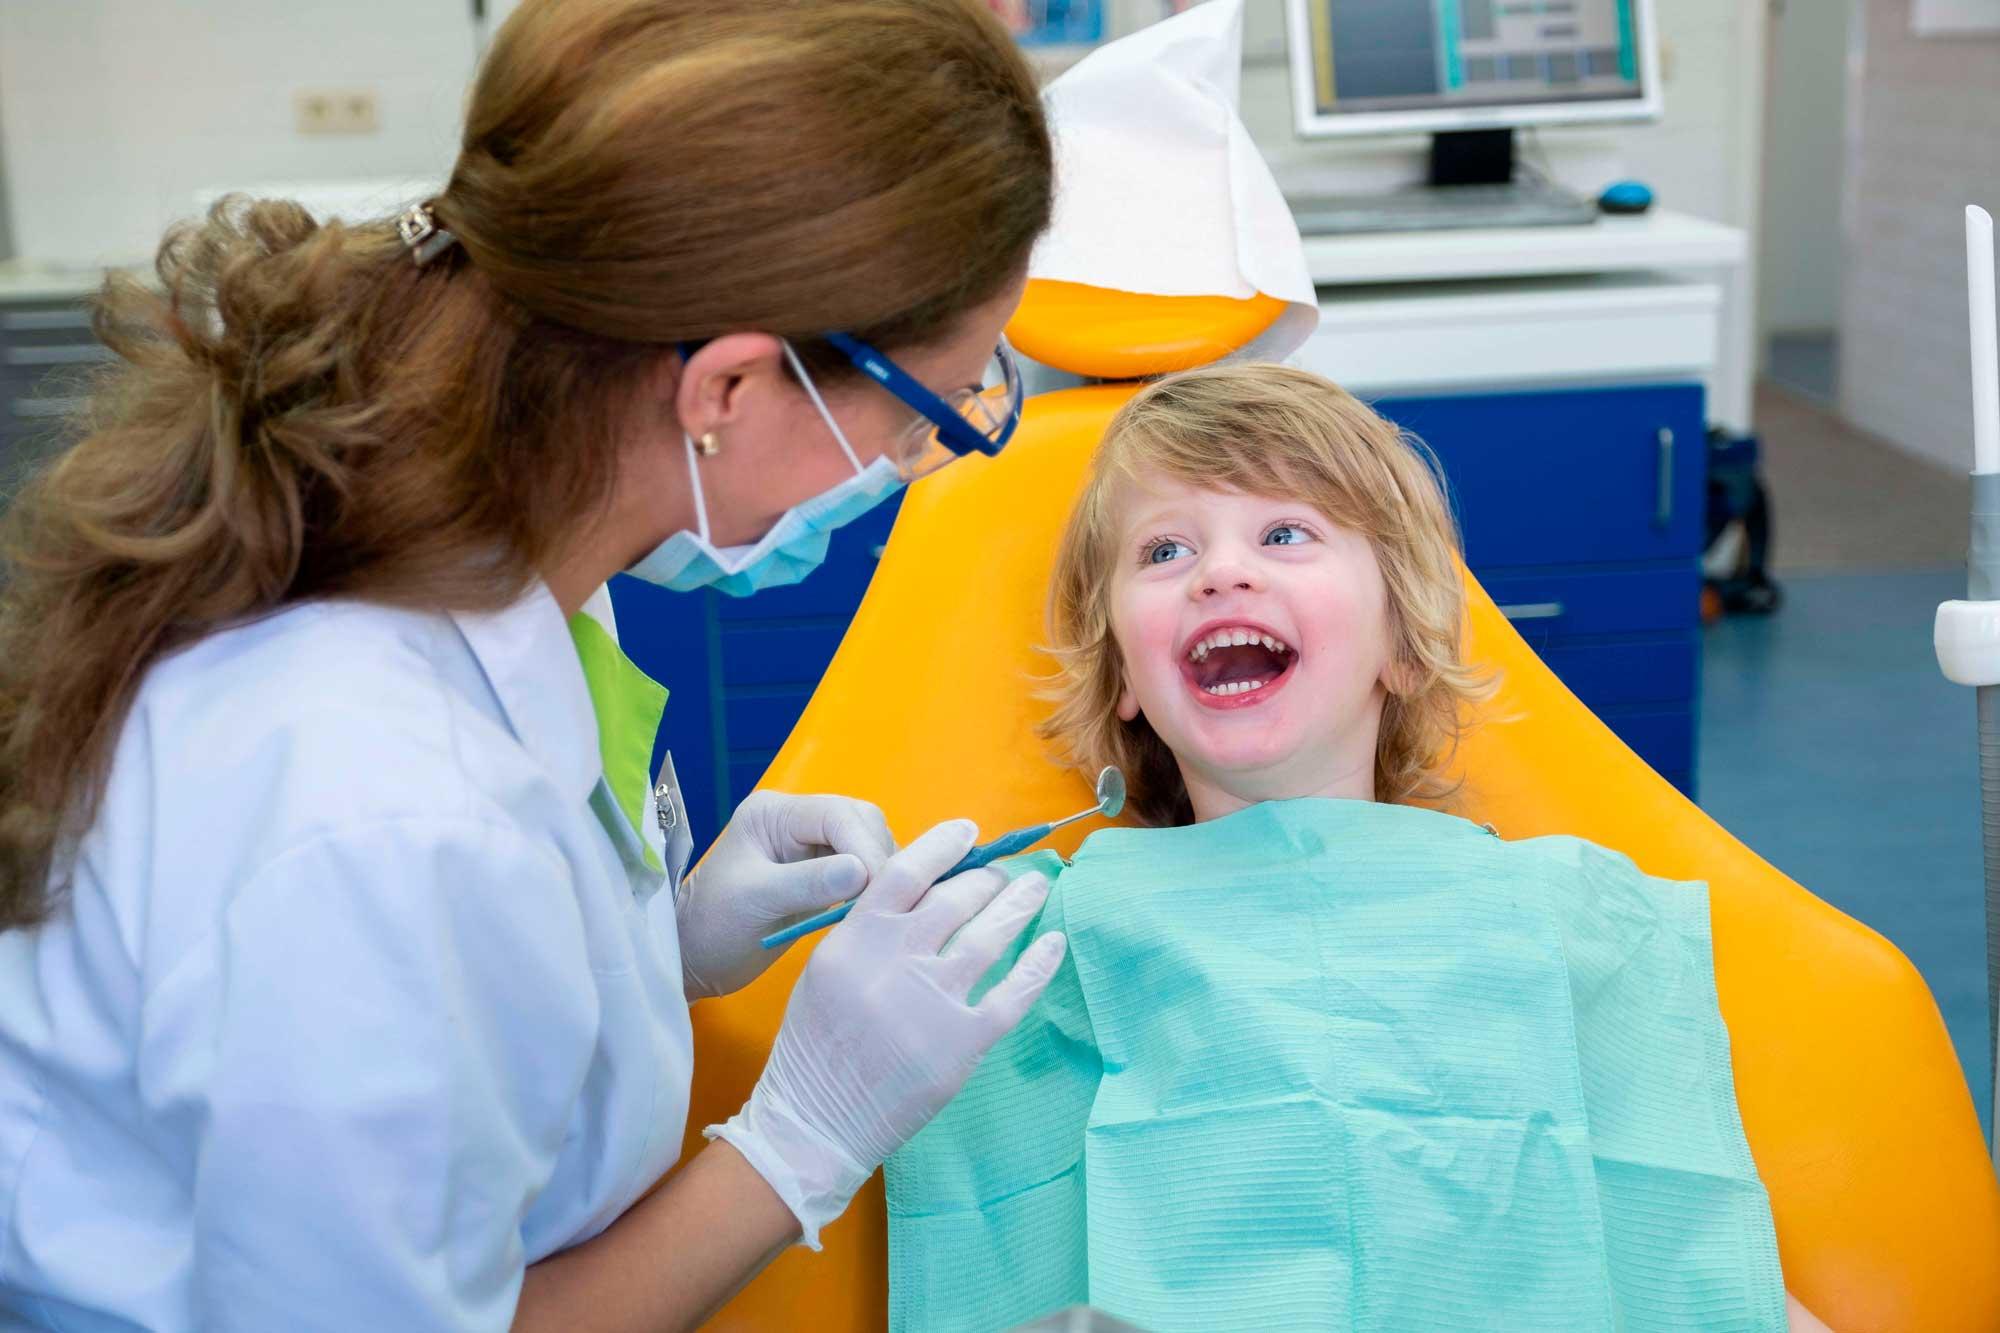 Kindvriendelijke tandarts in Assen | tandartspraktijk_Fokkerstraat_Assen_kind-patient-tandarts-mondhygiene-orthodontie-open-dag | Tandarts in Assen